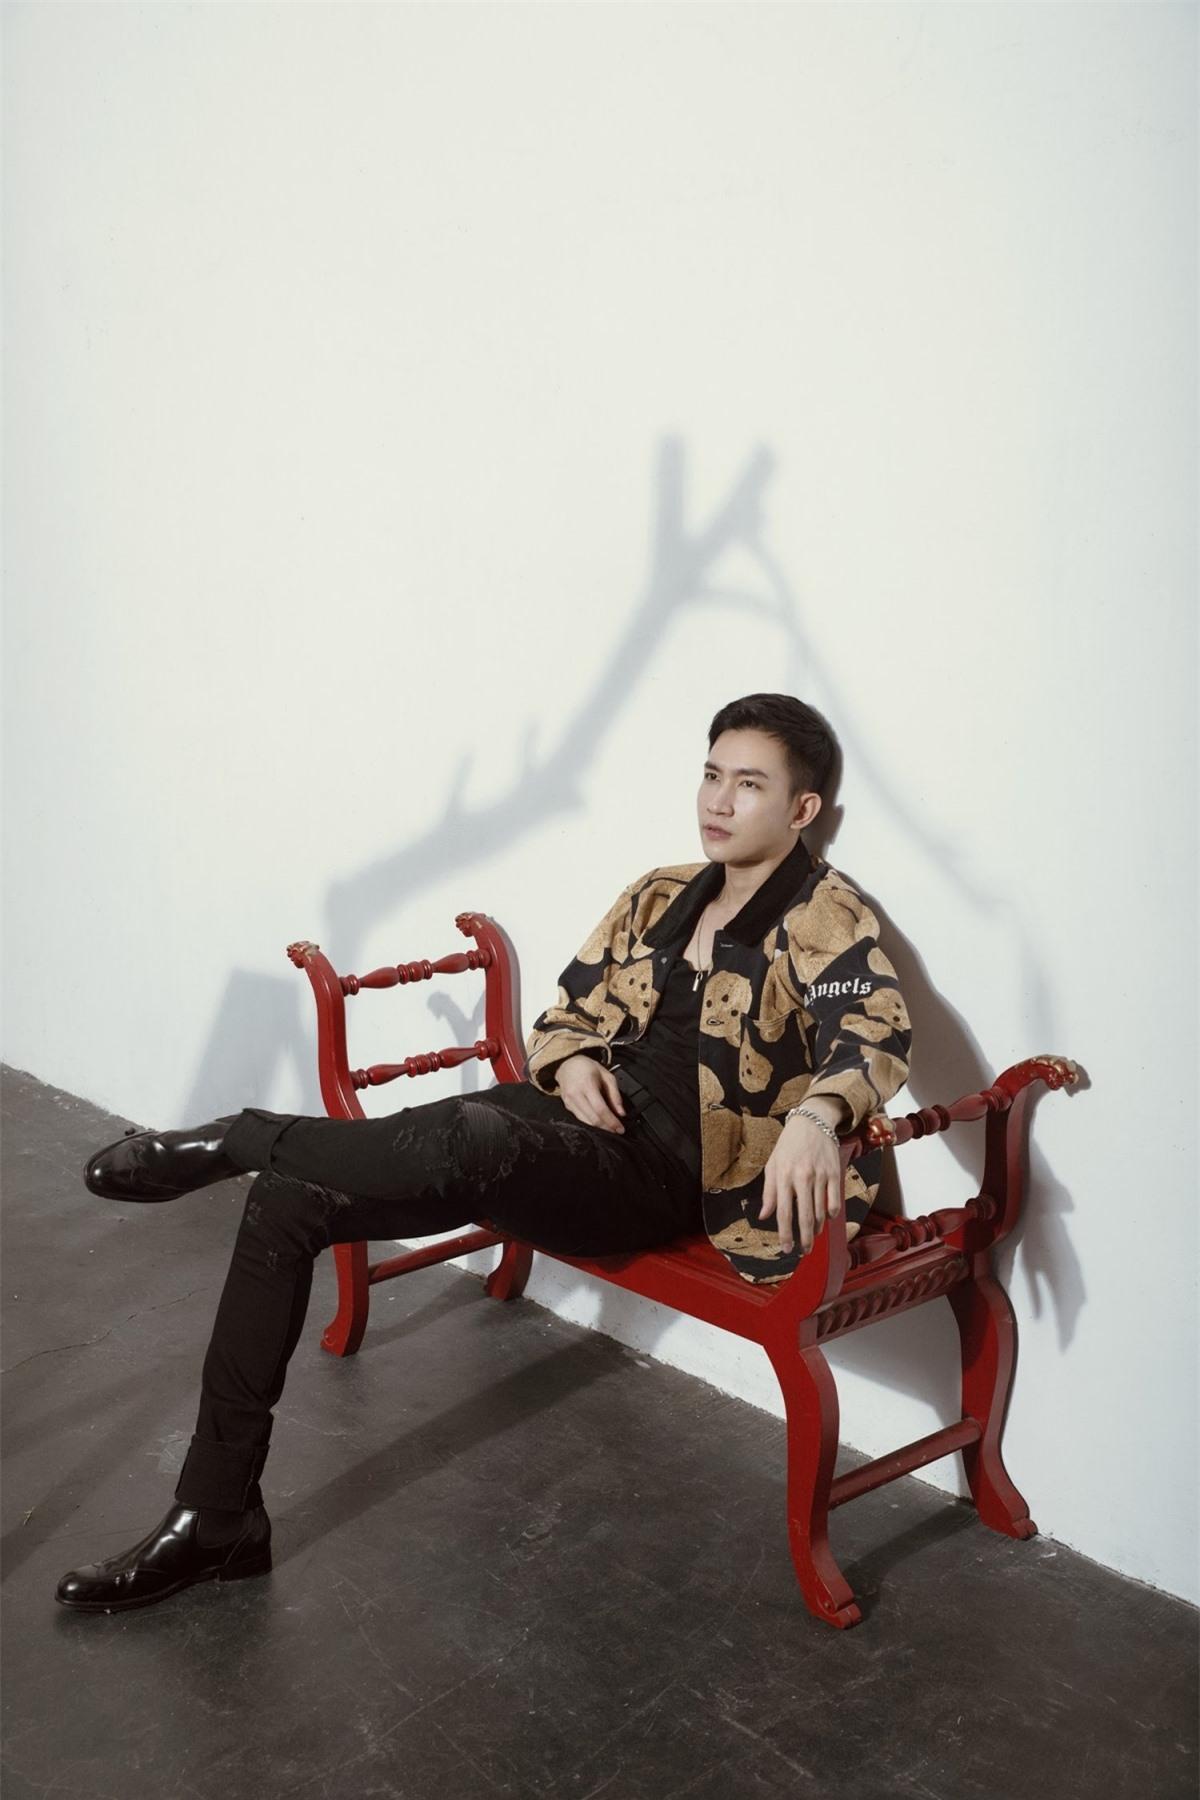 """Về bộ phim """"Cát đỏ"""" được khán giả yêu mến, Võ Cảnh cũng cho biết: """"Thời gian đi quay phim có rất nhiều kỷ niệm với đoàn, đặc biệt là với Thuý Diễm và Thanh Tùng""""."""